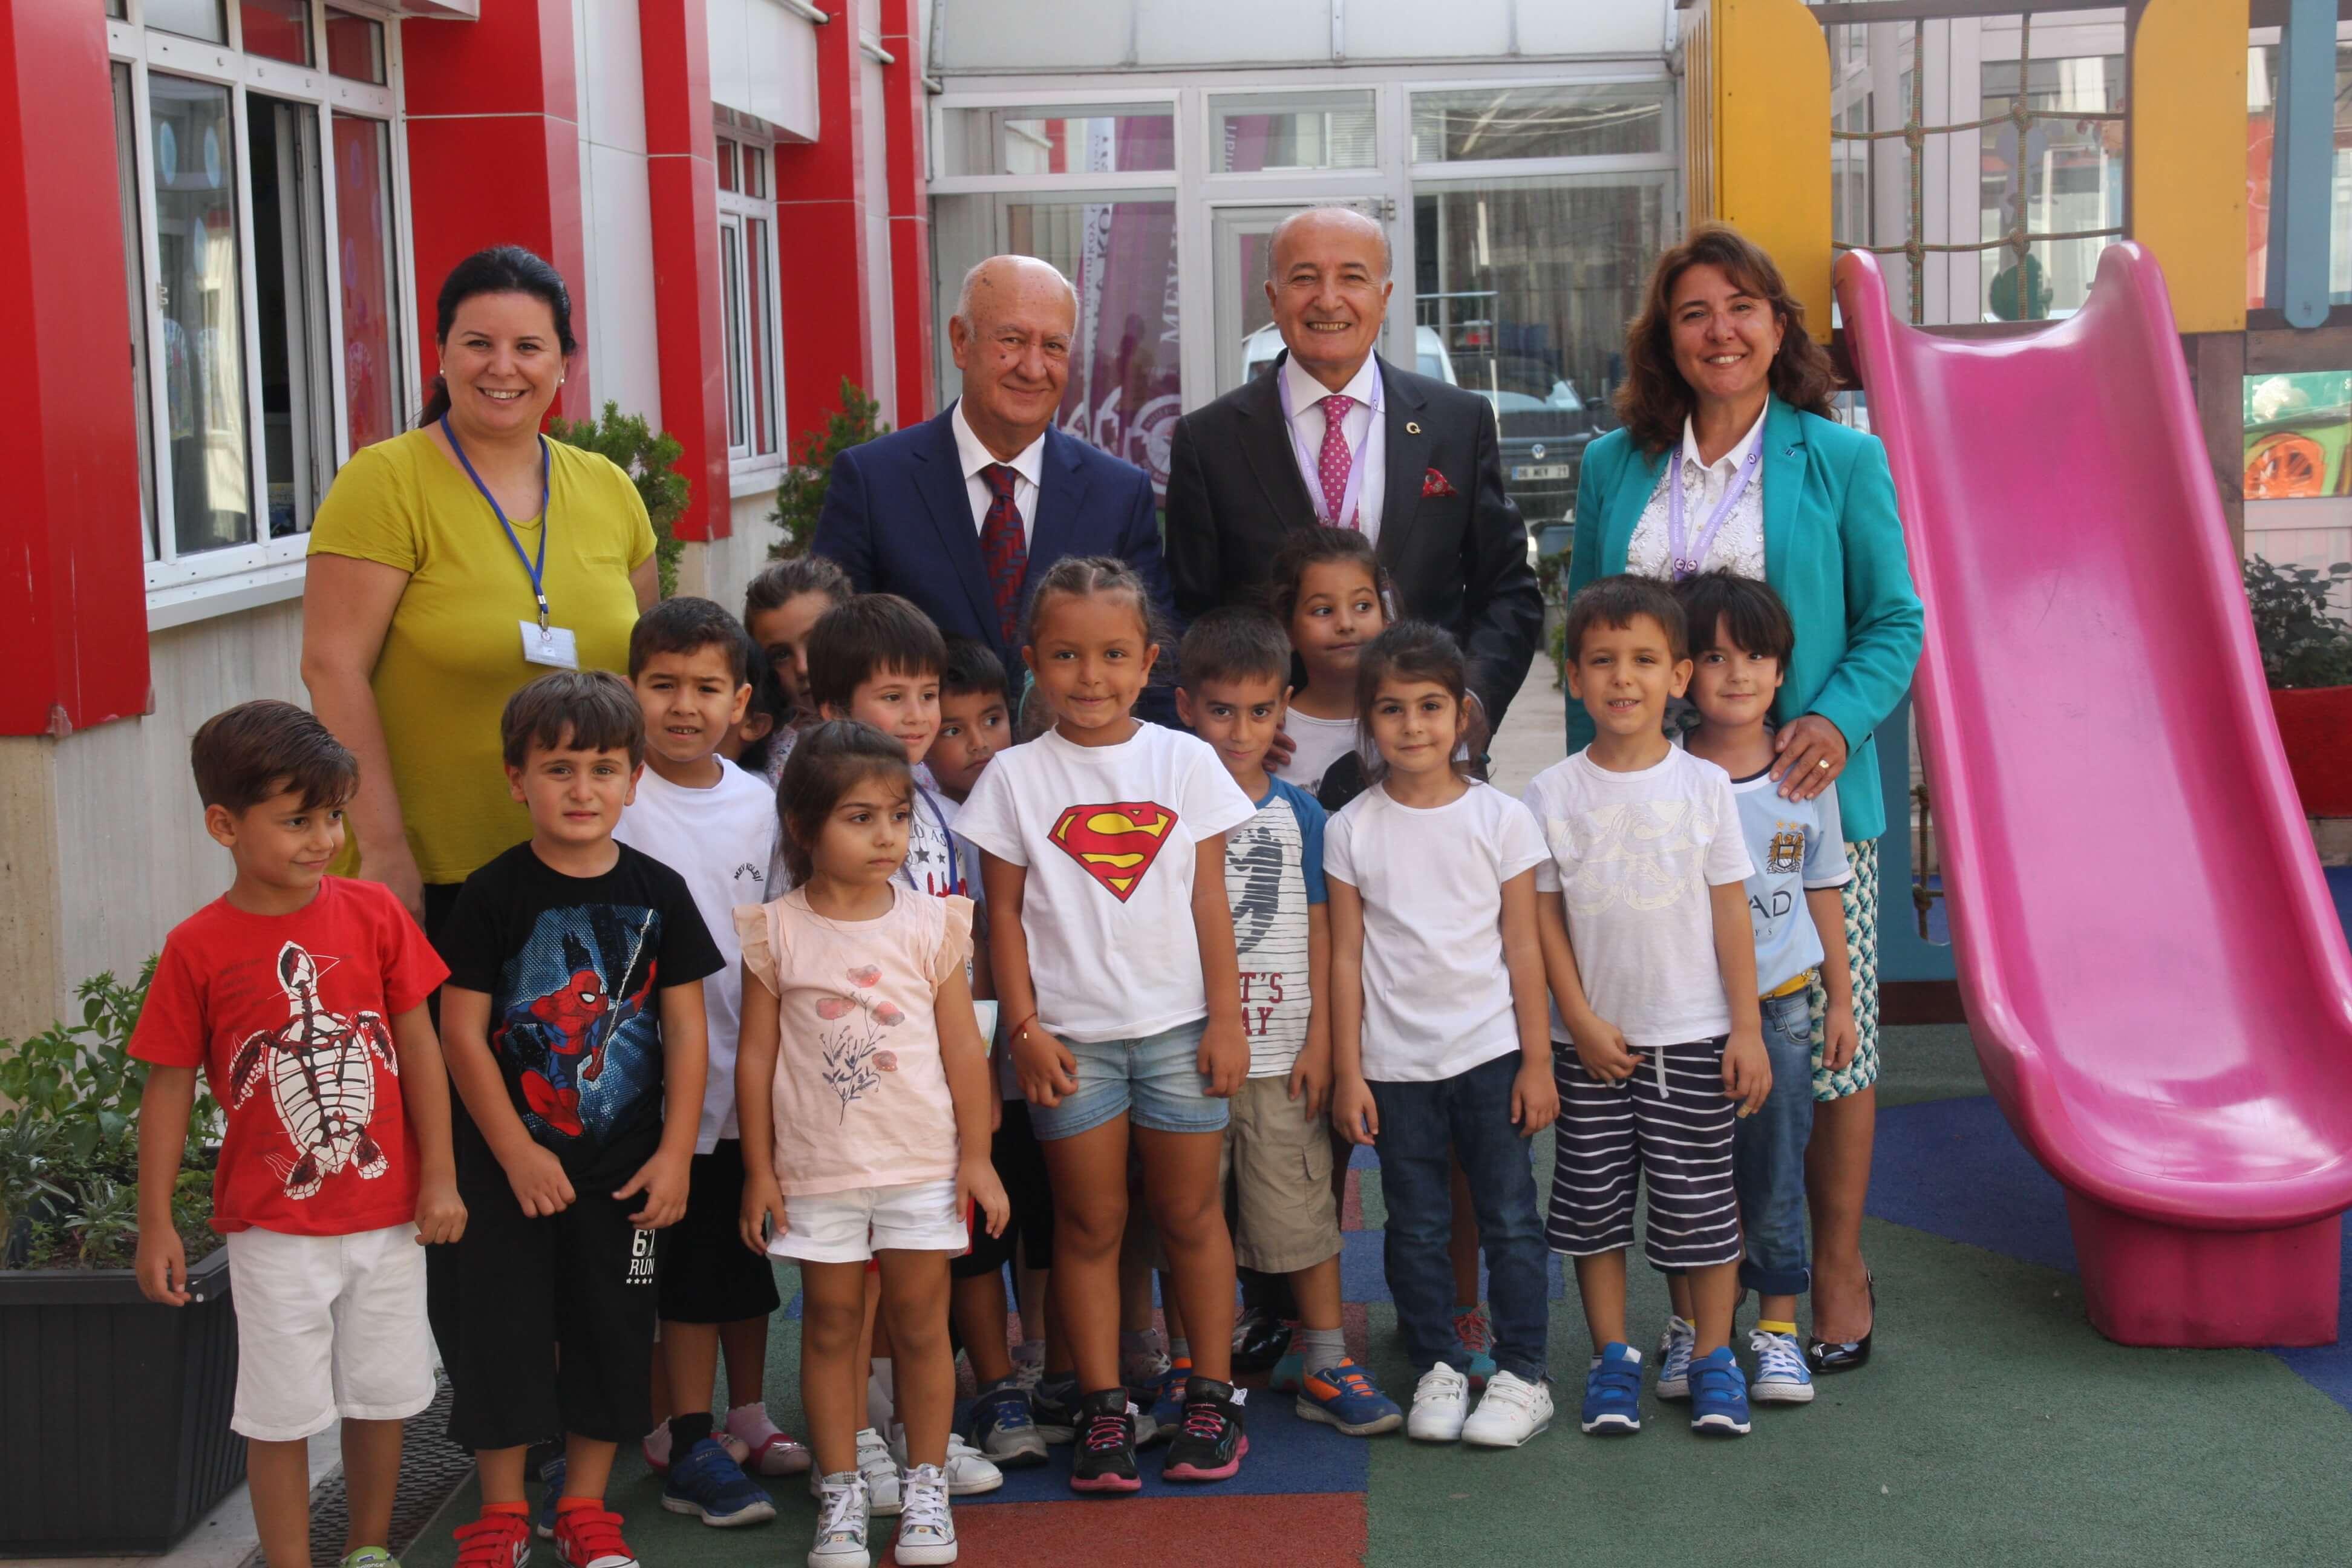 MEV Yönetim Kurulu Üyemiz Sayın Mehmet Temel Okulumuzu Ziyaret Etti